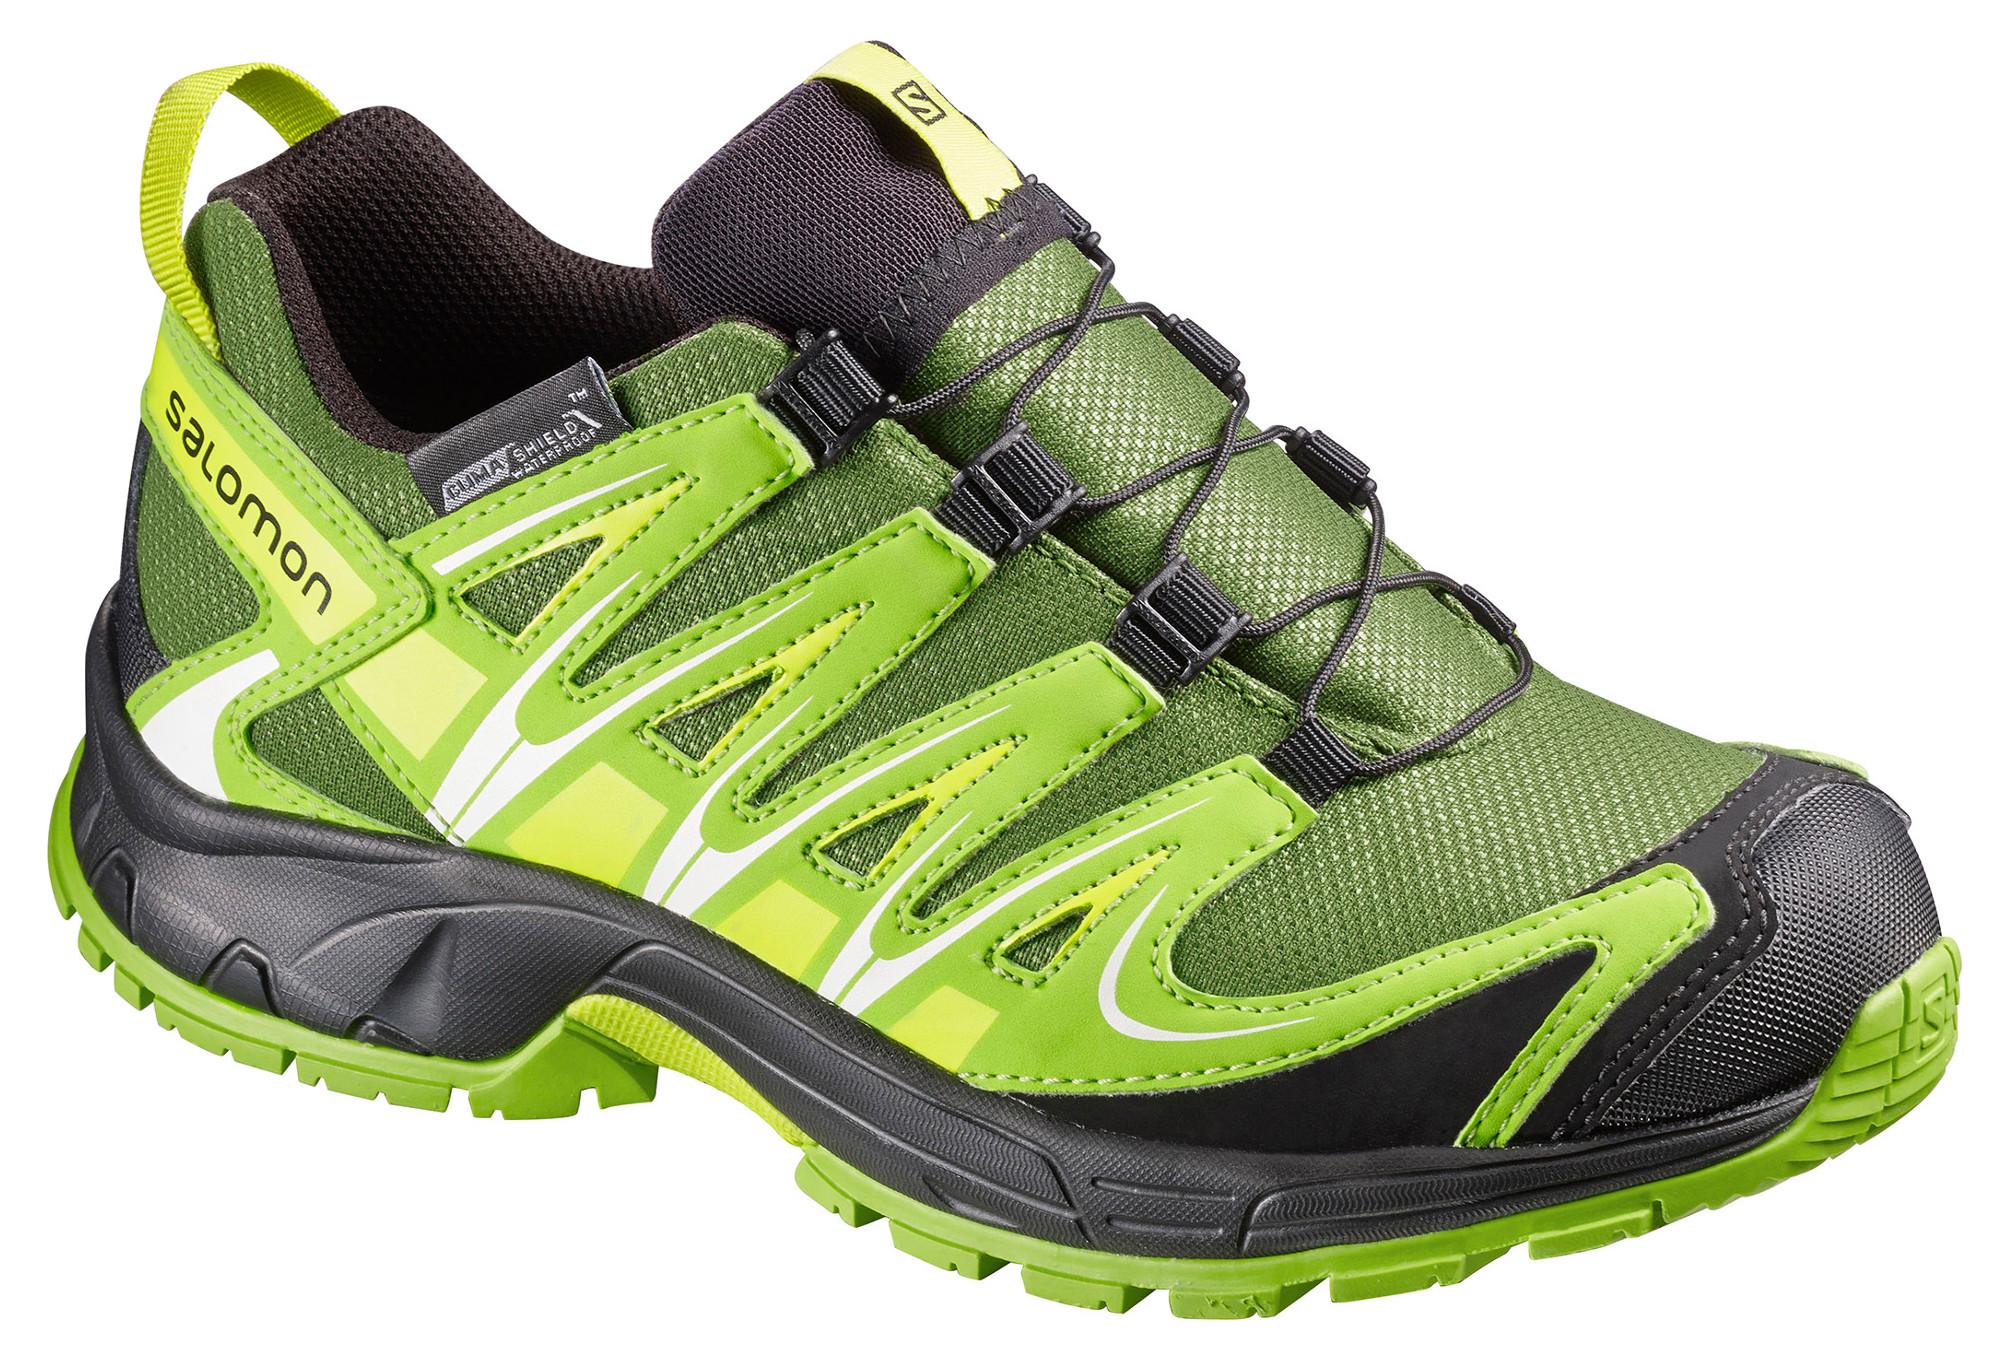 Cswp Salomon Chaussures Pro 3d Xa Noir Vert Enfant PwpC4qz